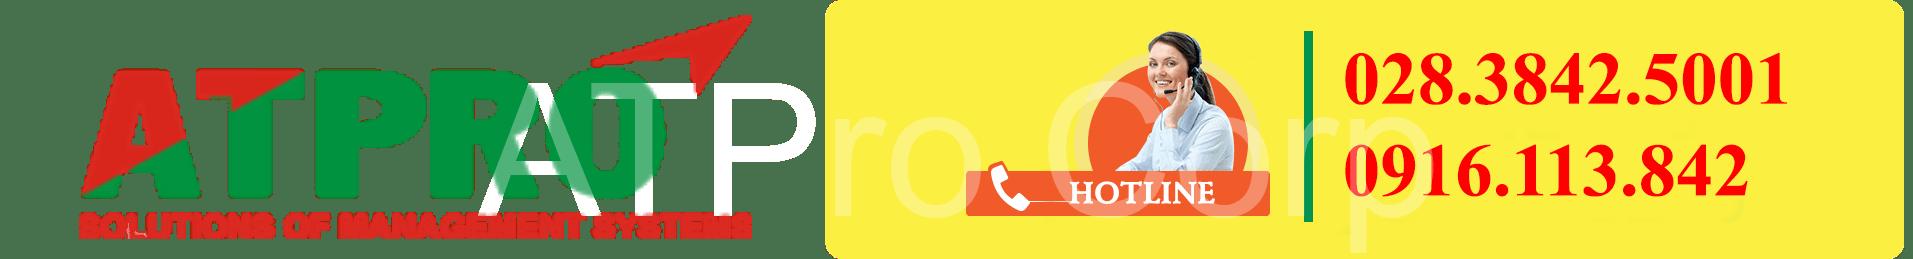 ĐỒNG HỒ LED TREO TƯỜNG | THIẾT BỊ ĐO NHIỆT ĐỘ ĐỘ ẨM | BẢNG ĐIỆN TỬ NĂNG SUẤT SẢN XUẤT | ATSCADA | PLCPi | CẢNH BÁO AN NINH | BÁO CHÁY | BÁO TRỘM | CAMERA